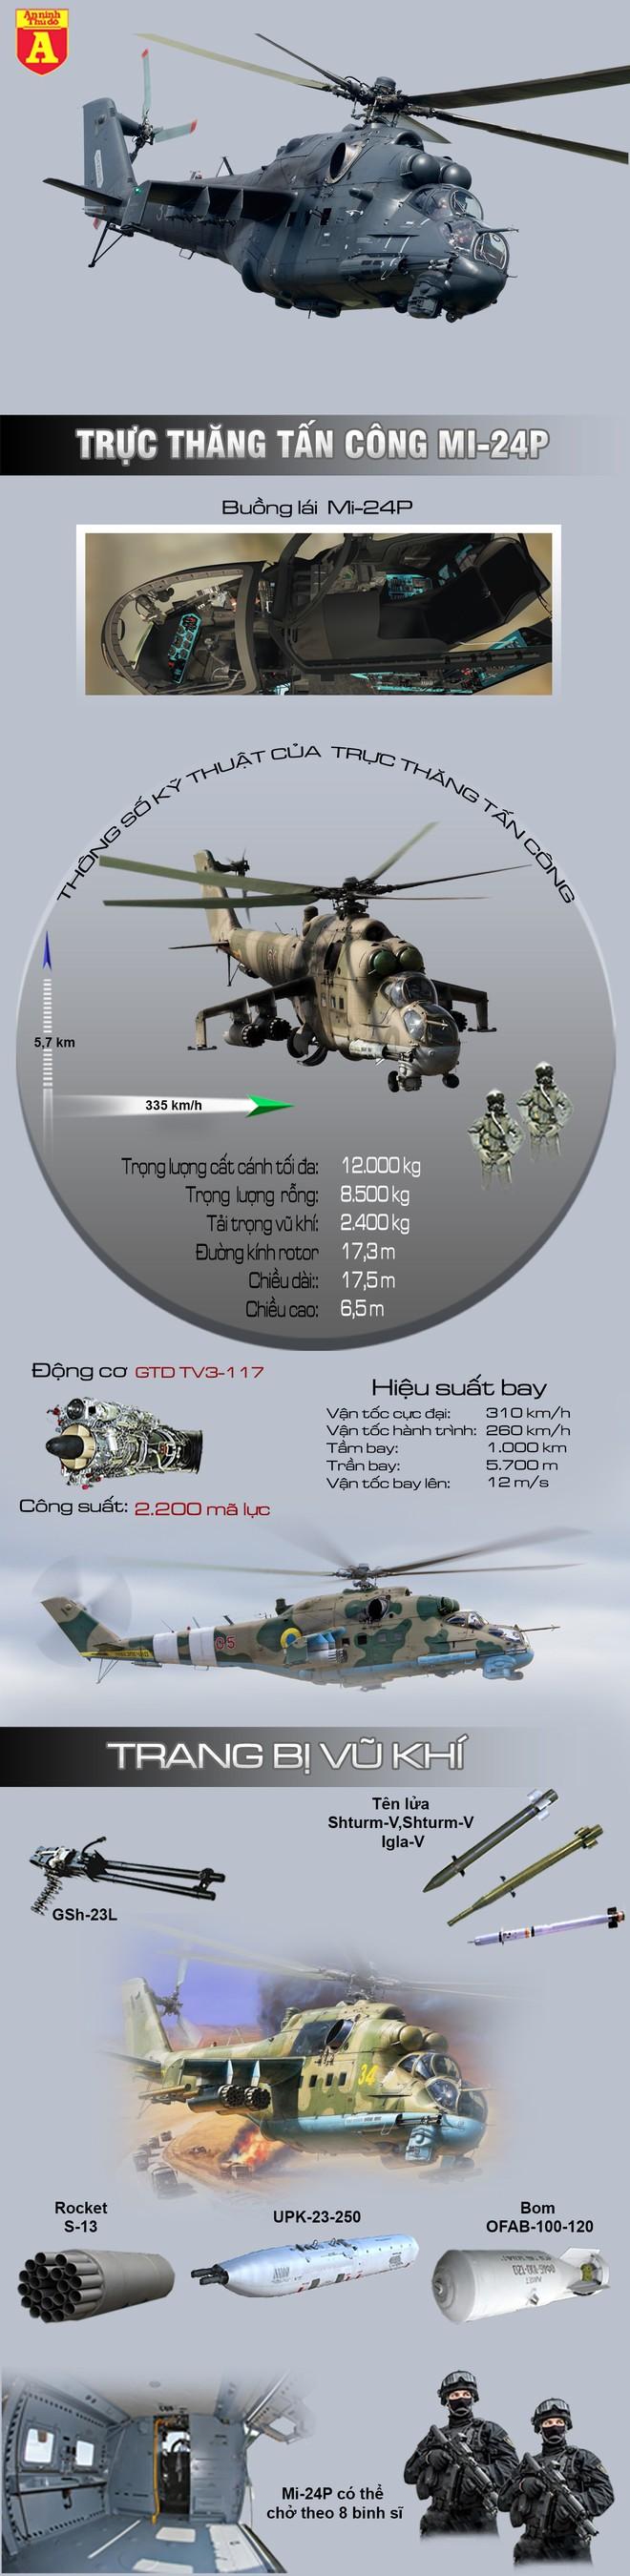 [Info] Liều lĩnh bắn vào trực thăng Nga tại Syria, Thổ Nhĩ Kỳ sẽ trả giá đắt? ảnh 3